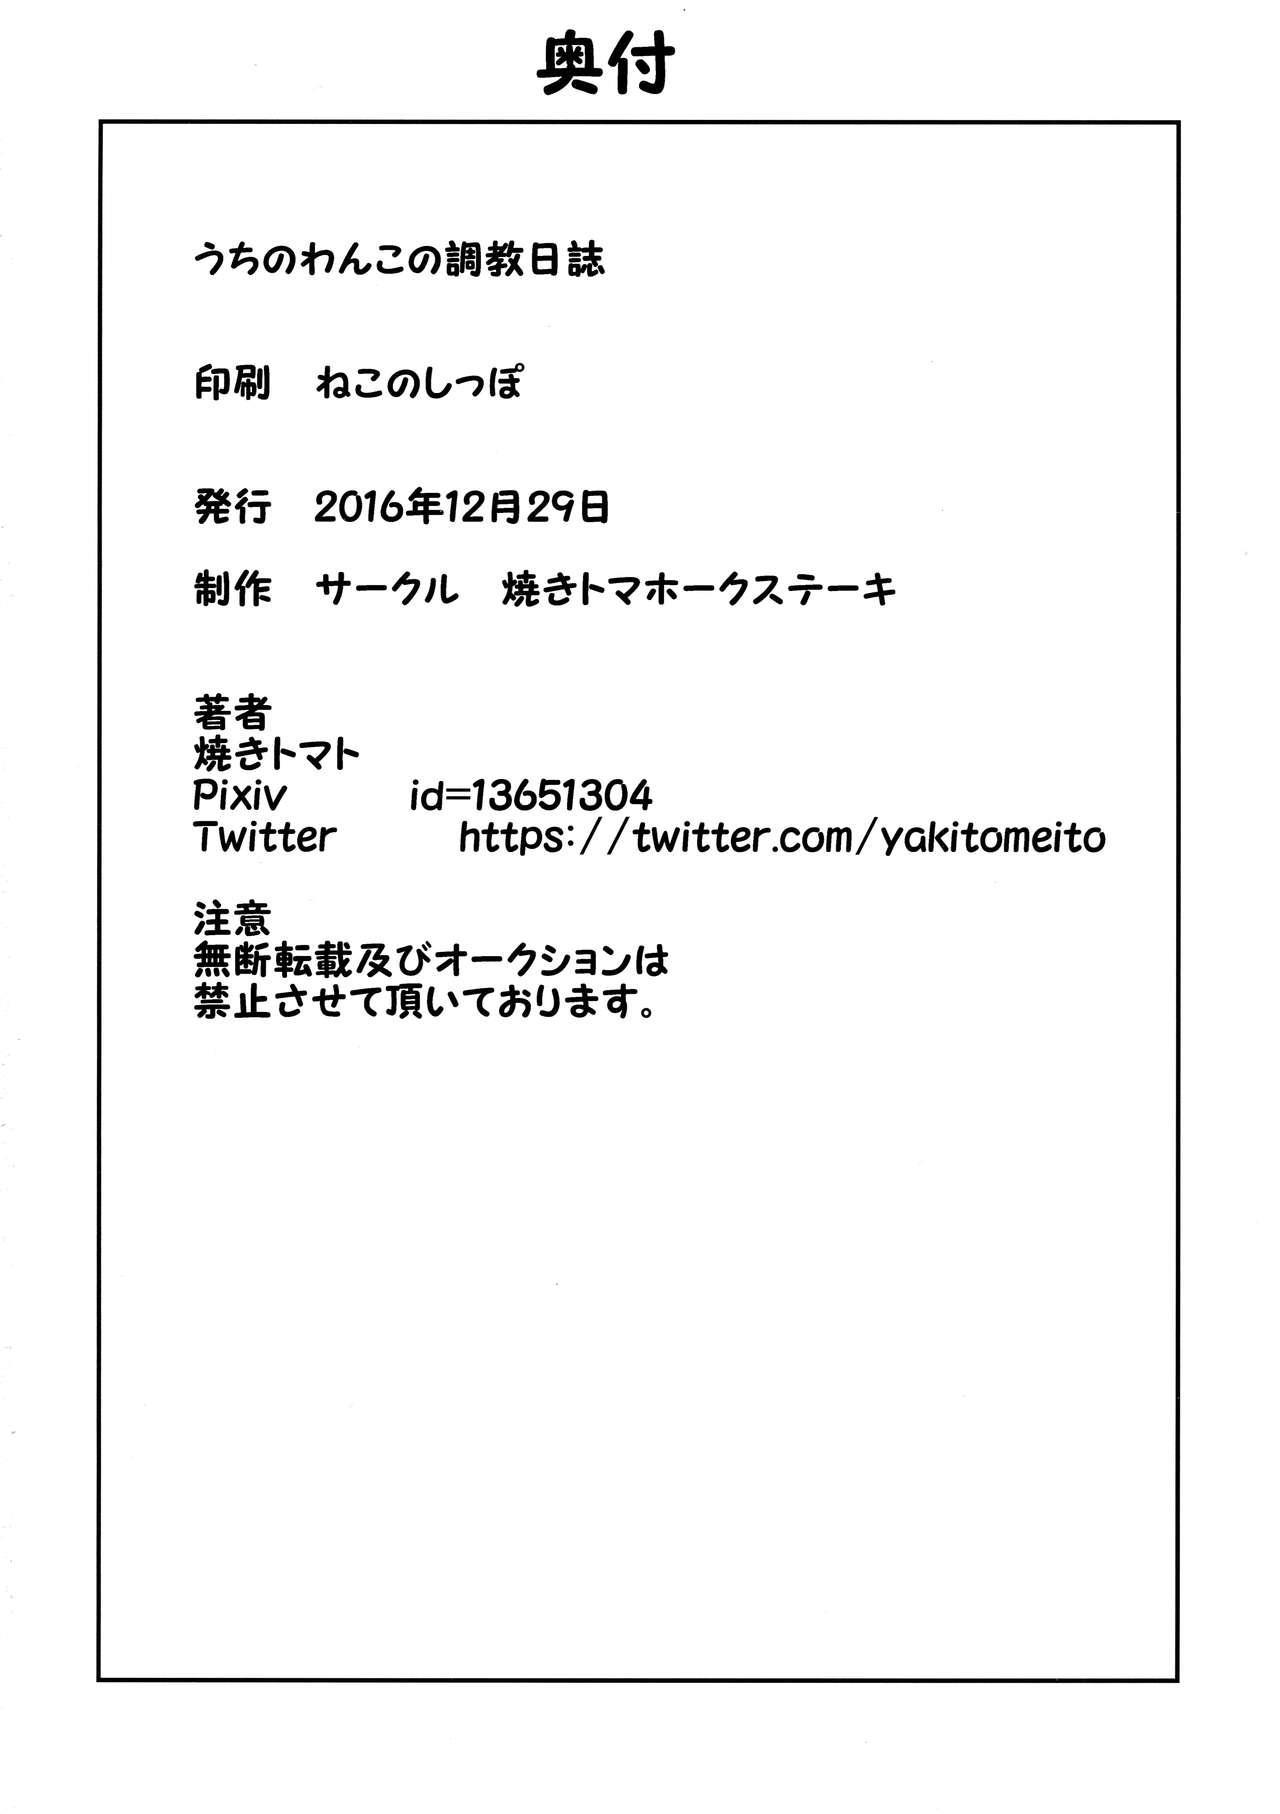 Uchi no Wanko no Choukyou Nisshi 33